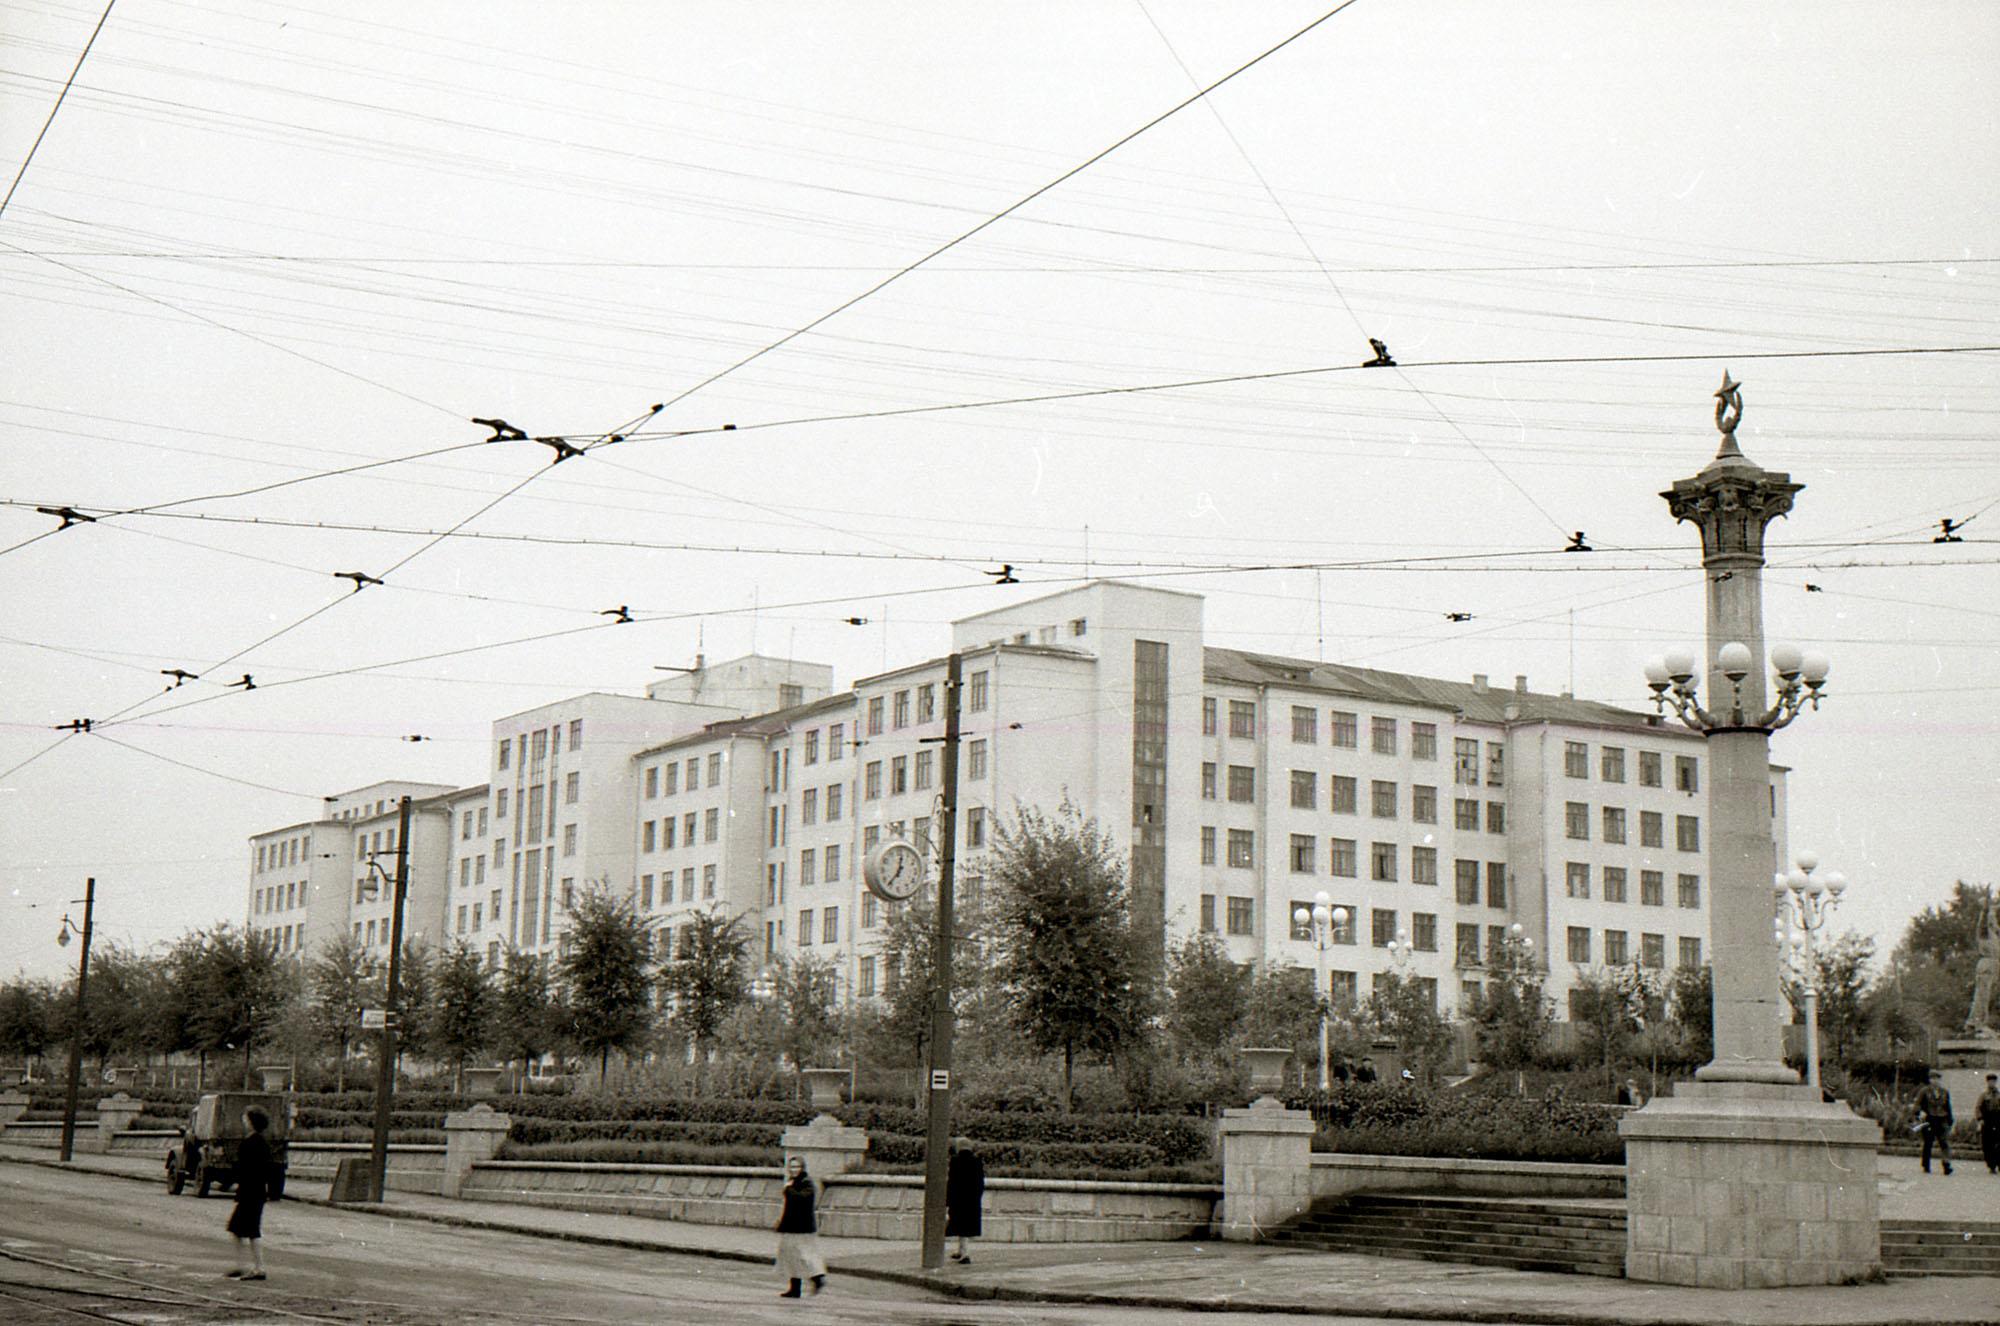 Дом сельского хозяйства в 1950-х годах